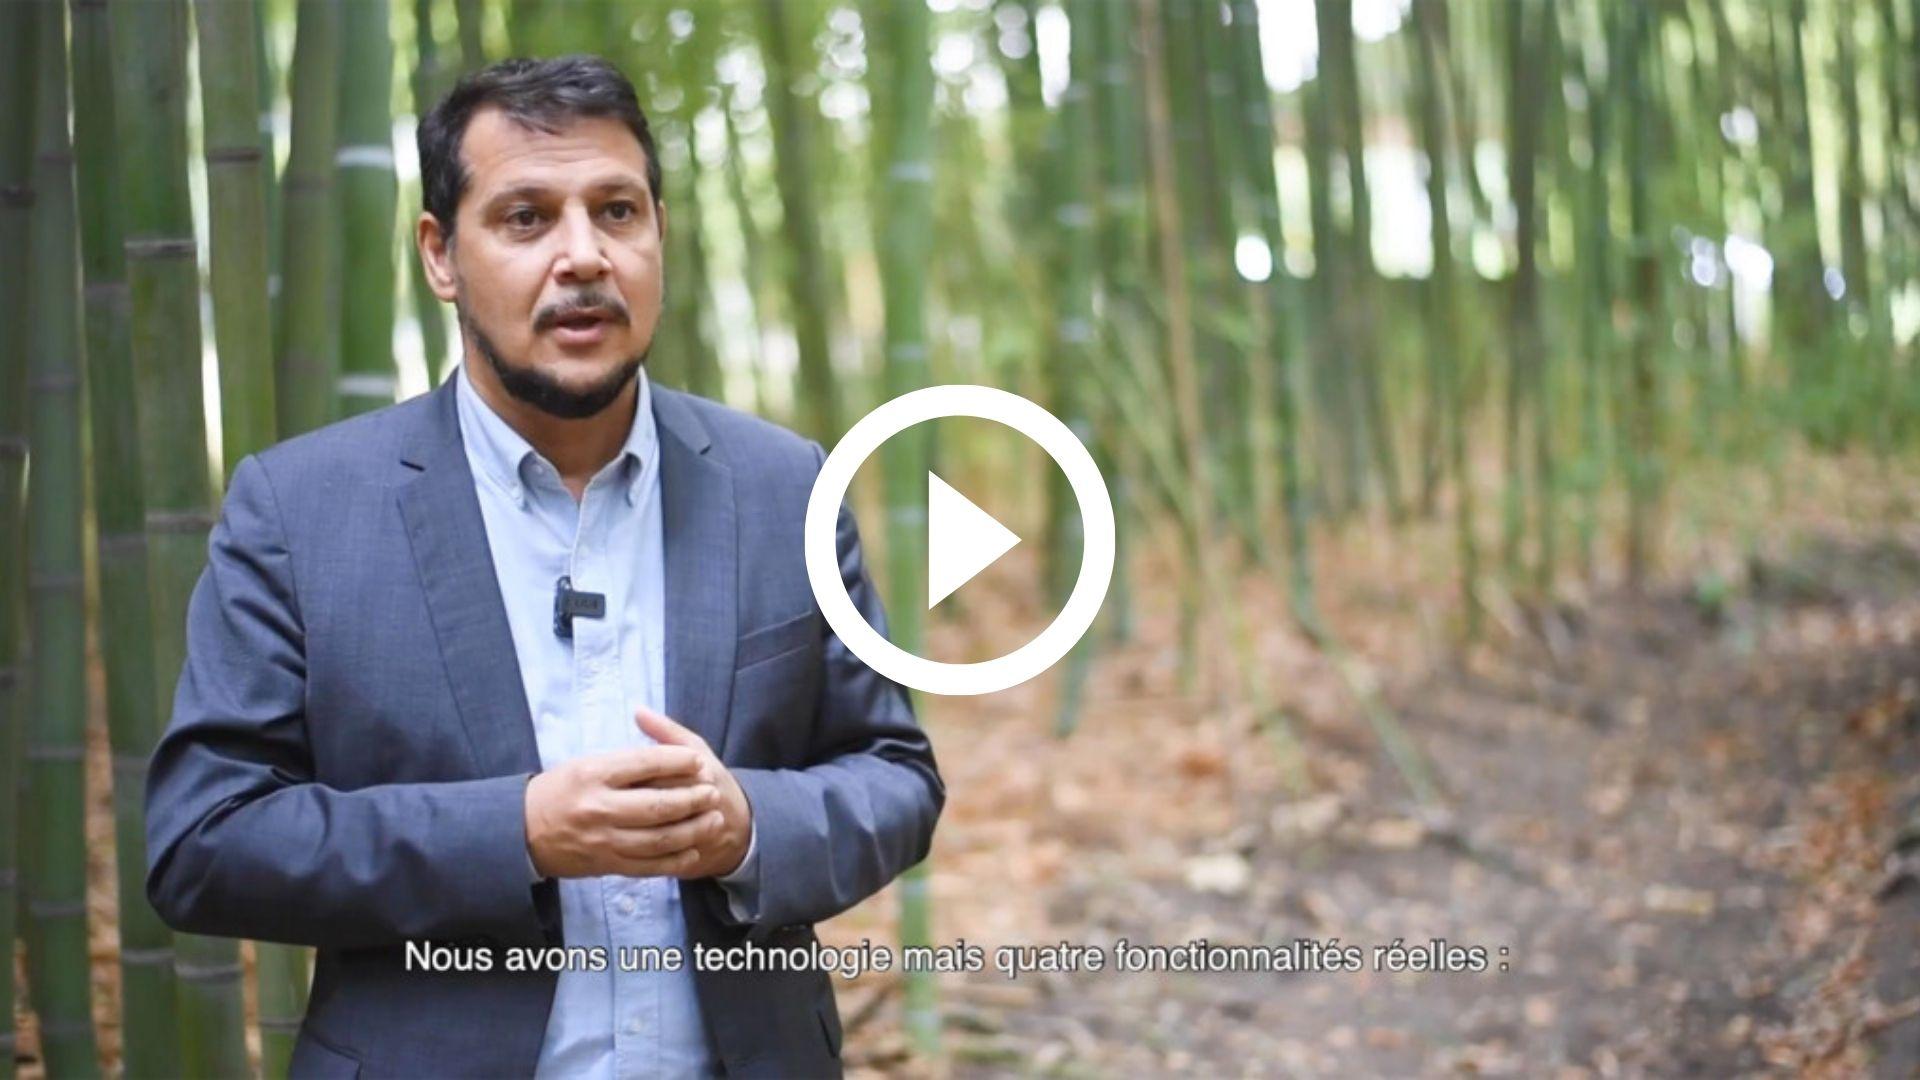 Trophées-Entrepreneurs-Positifs-CPME-et-ADEME-Bamboo-For-Life